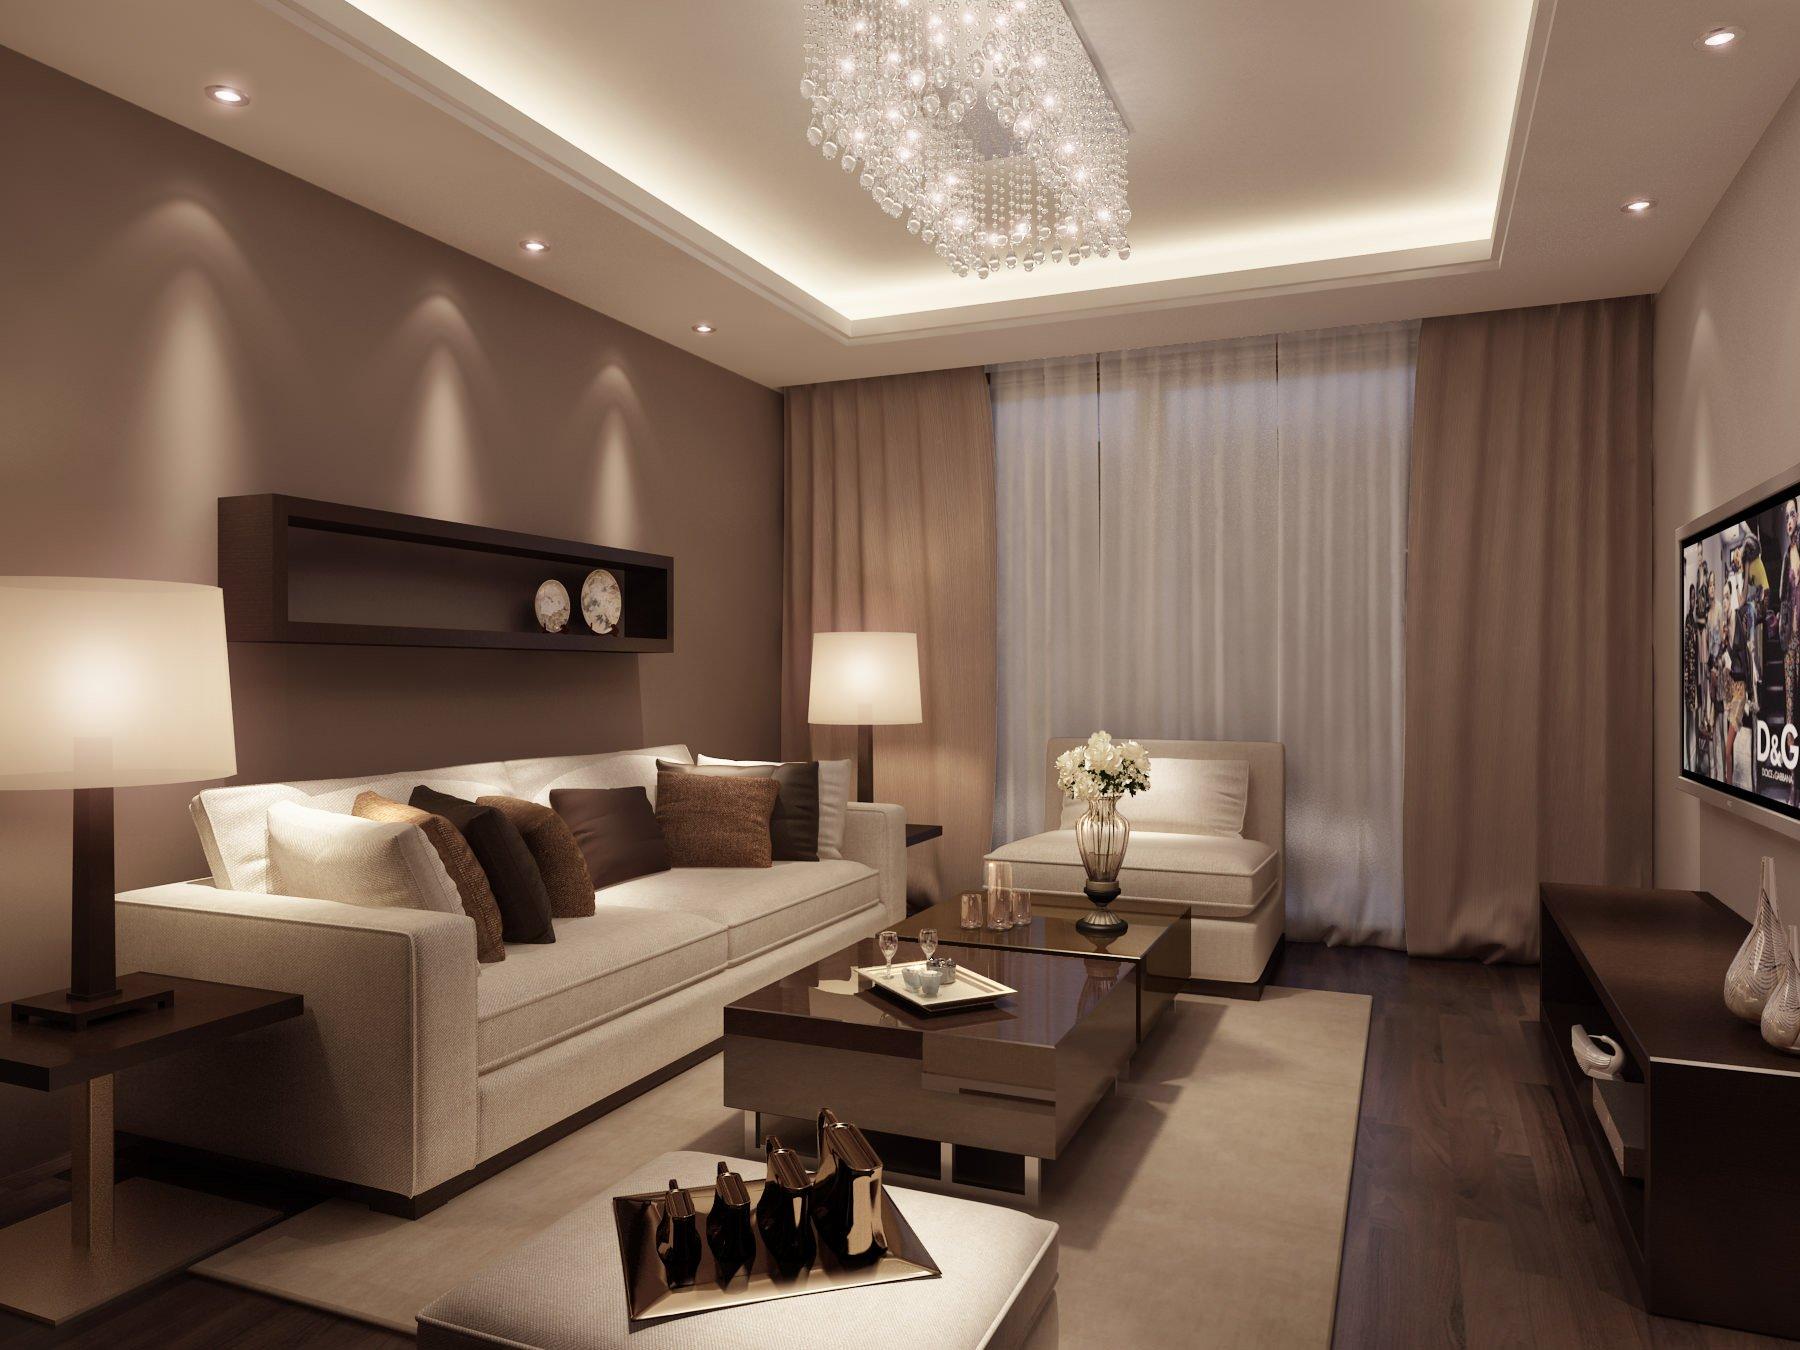 Шторы под цвет обоев в интерьере гостиной